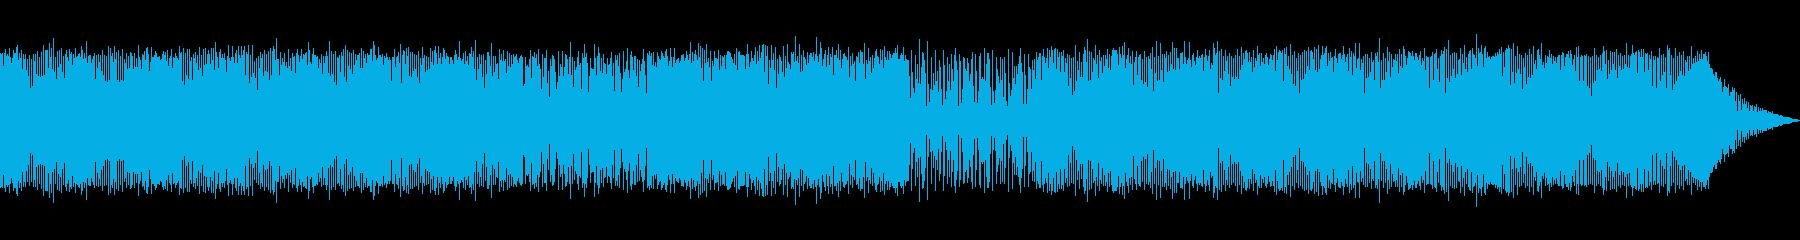 ダンス、テクノ。コンピューターまた...の再生済みの波形